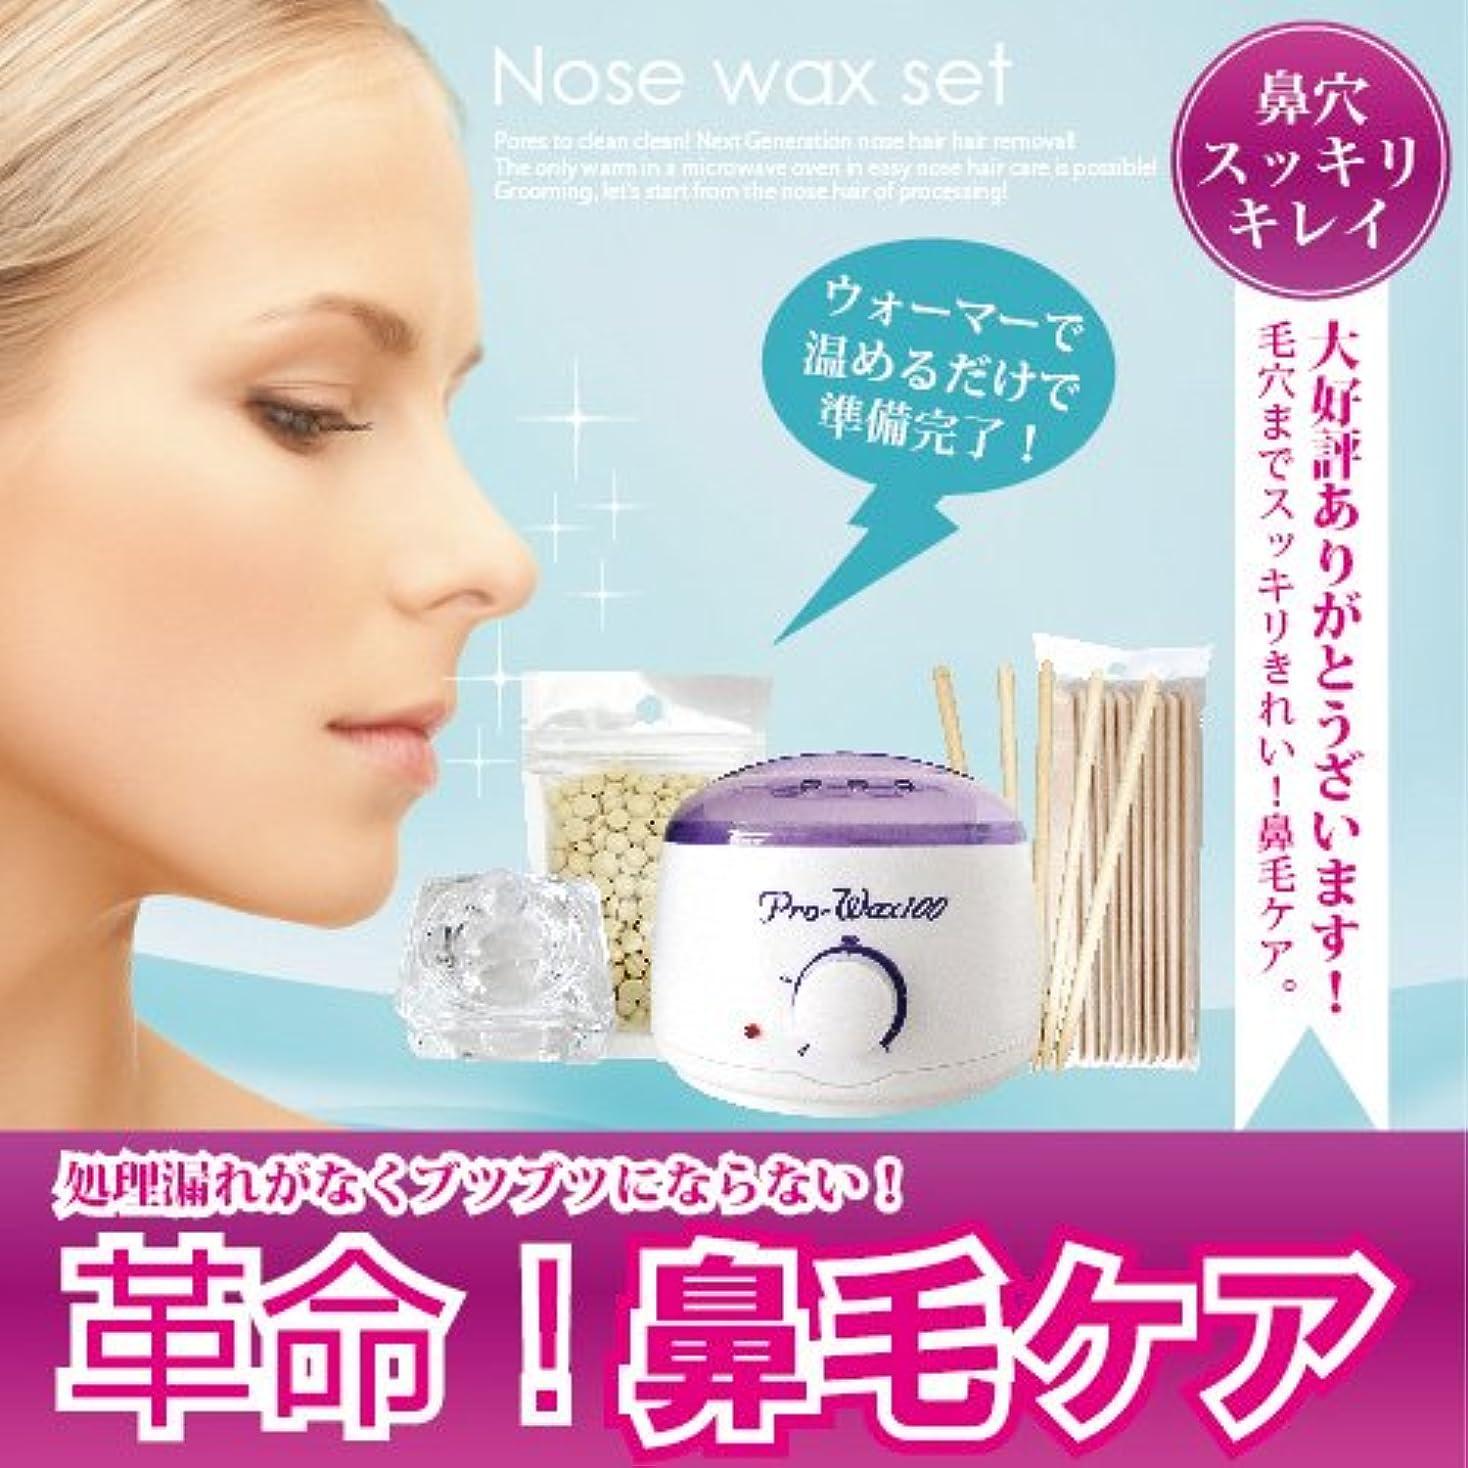 見落とす薄い前ブラジリアンワックス Nose wax setウォーマー付ノーズワックス鼻毛ケアセット(約12回分)